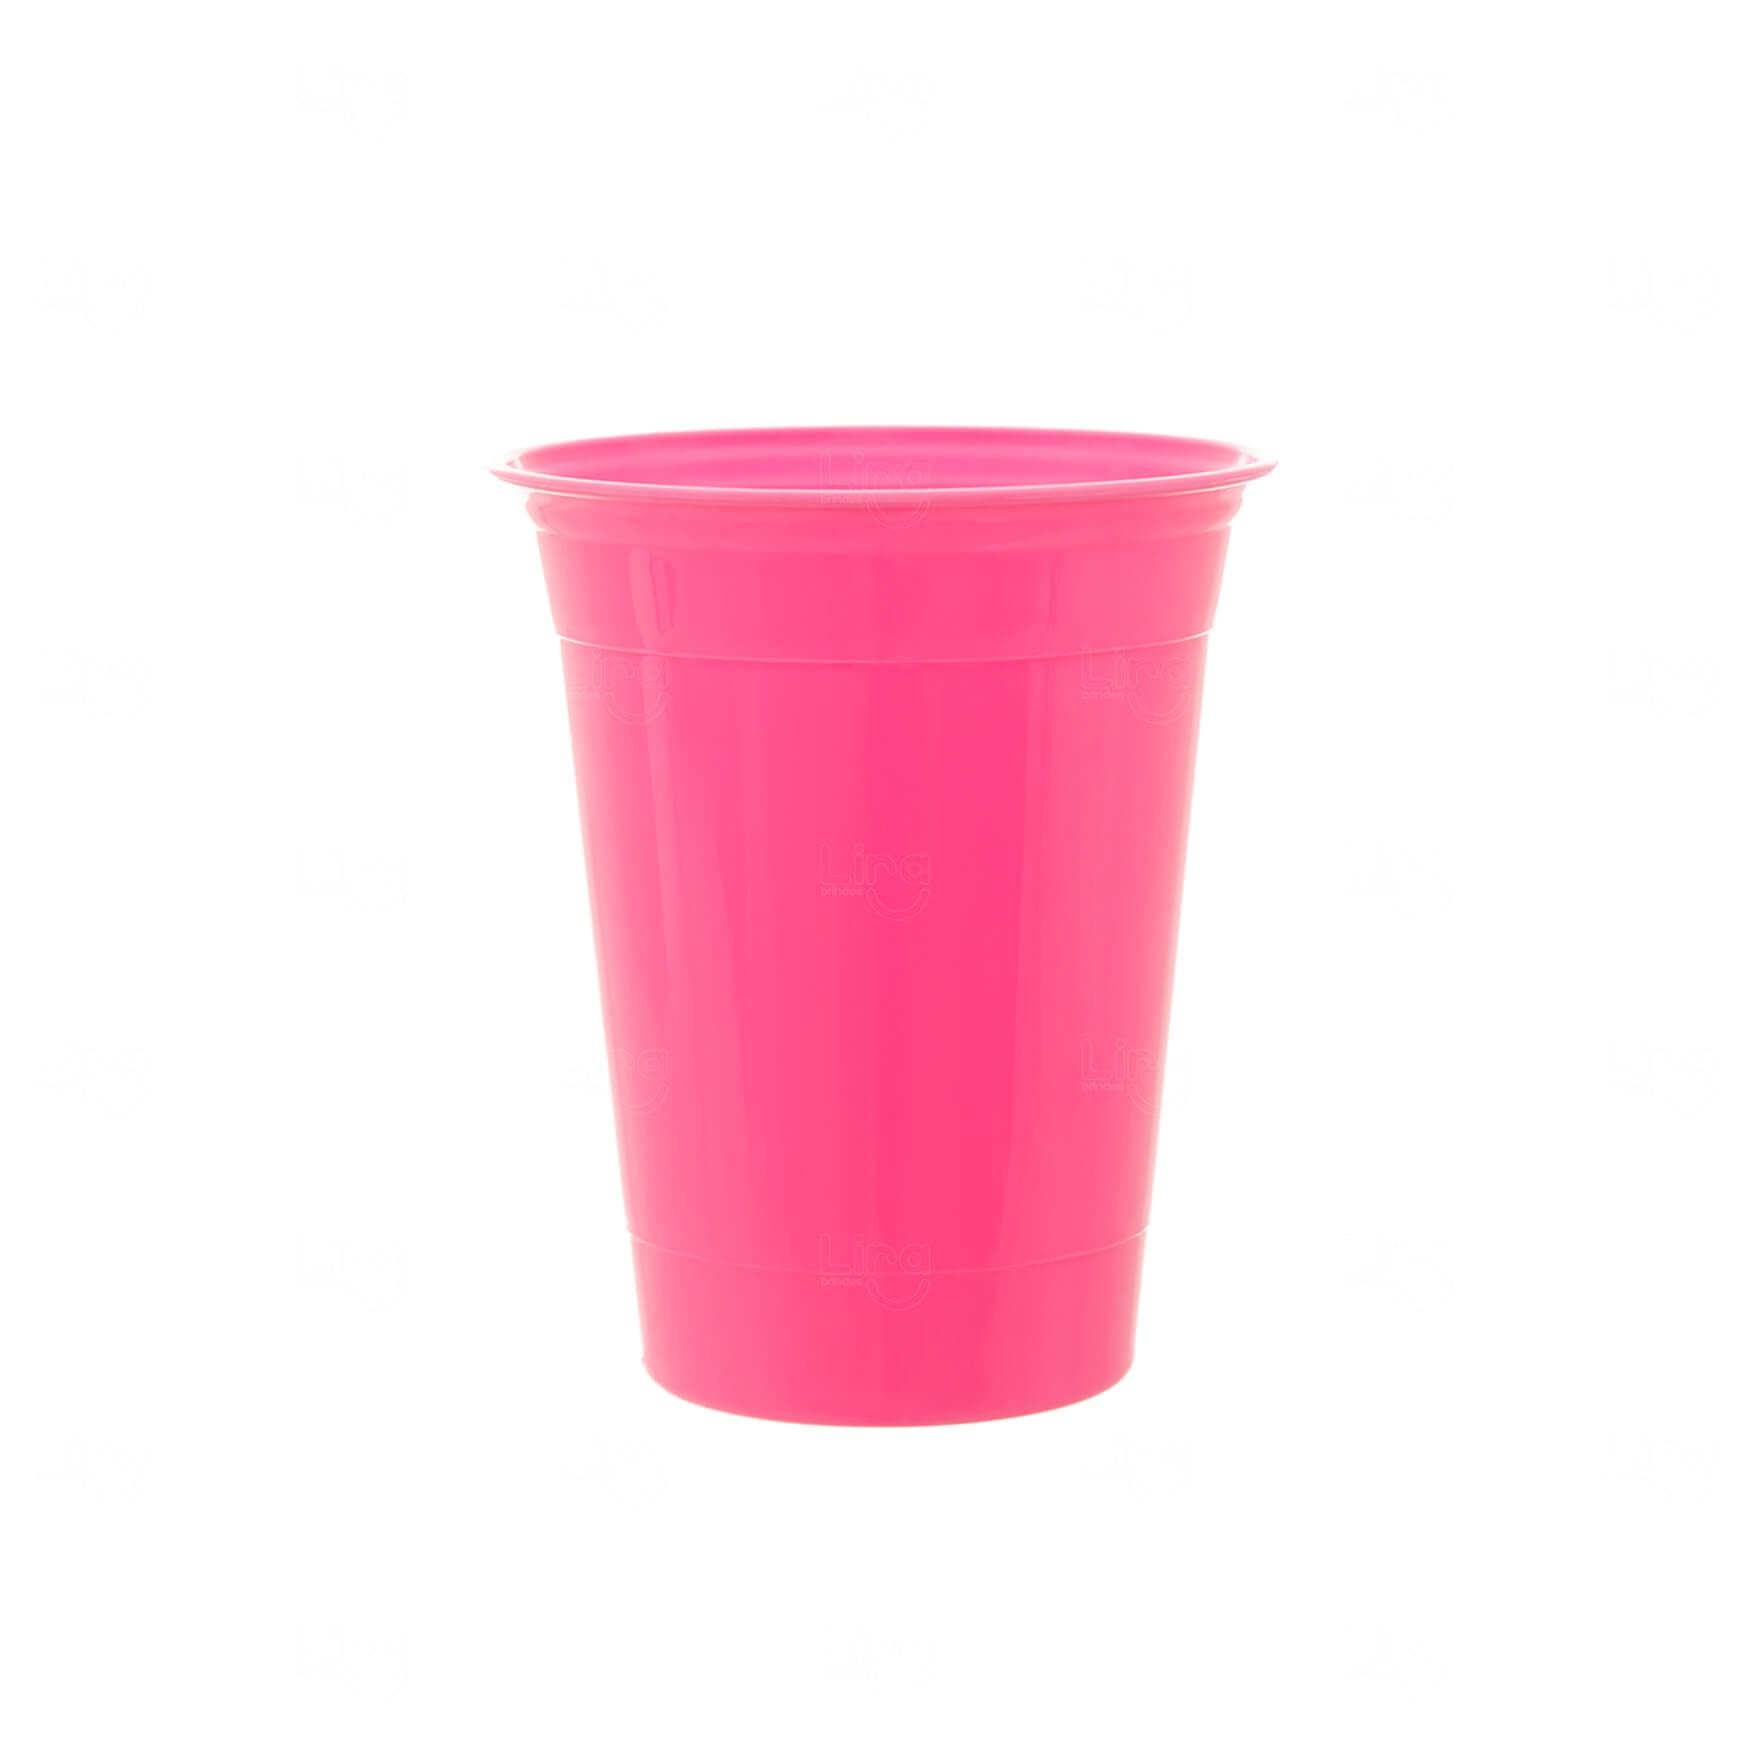 Copo P/ Festa Personalizado - 400ml Rosa